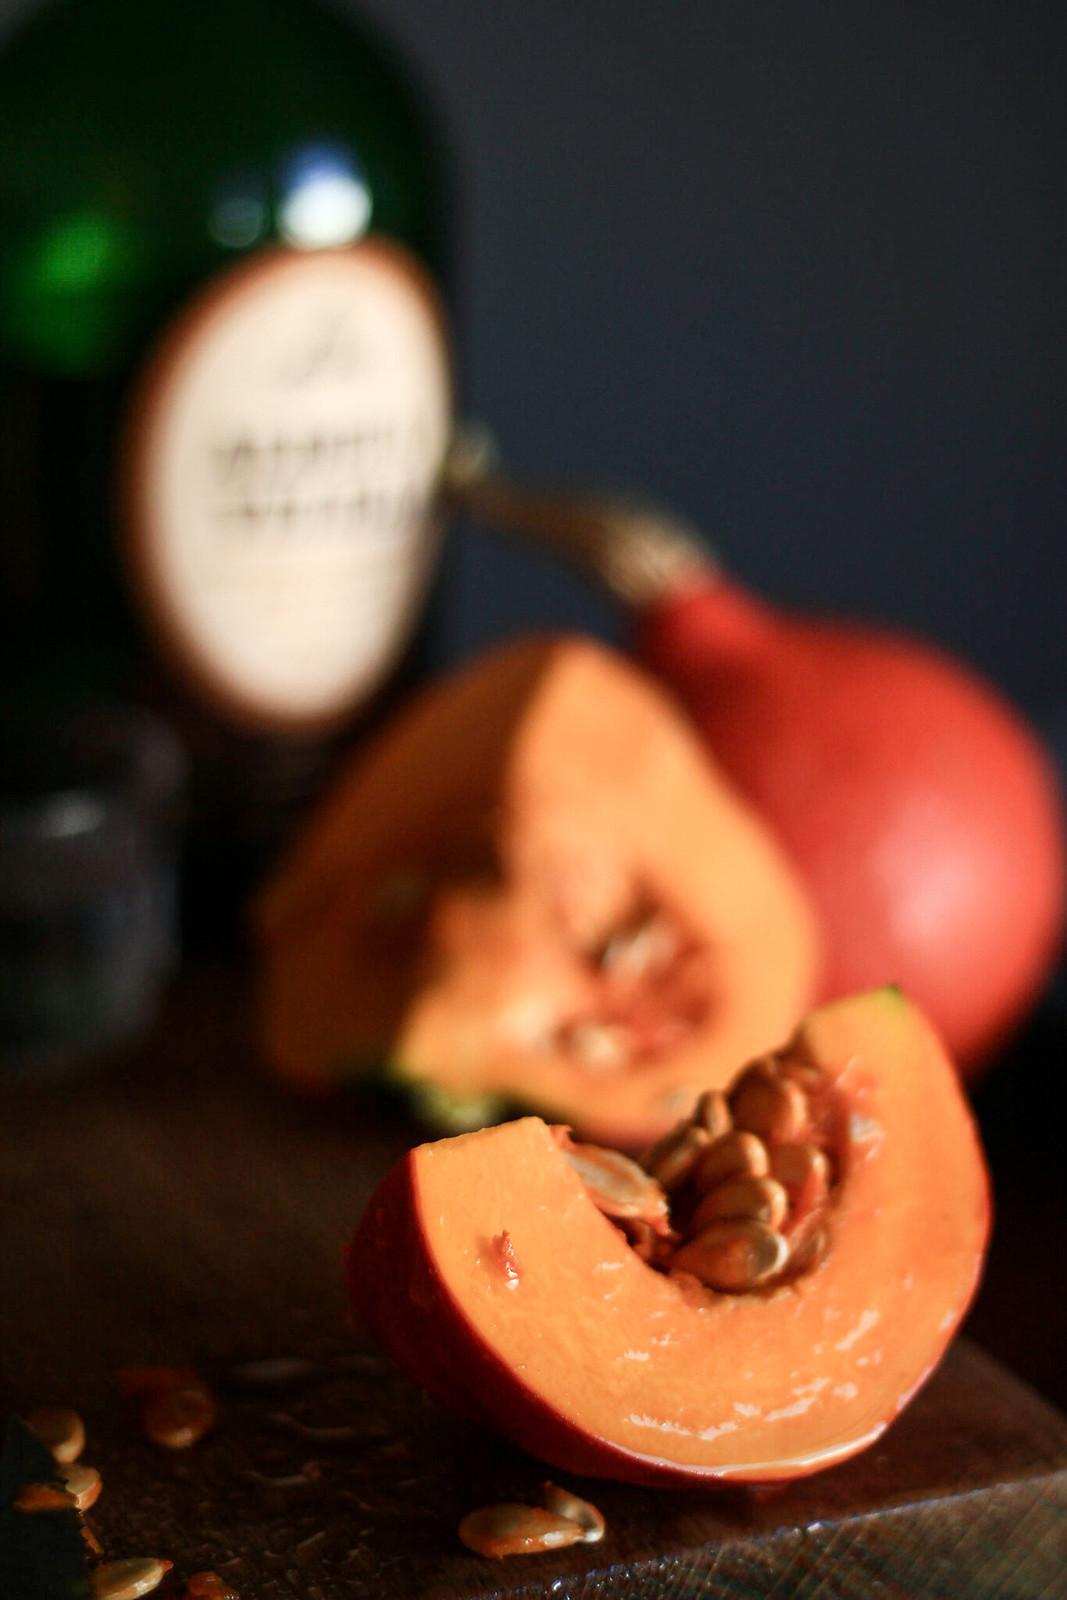 pumpkin aguardente